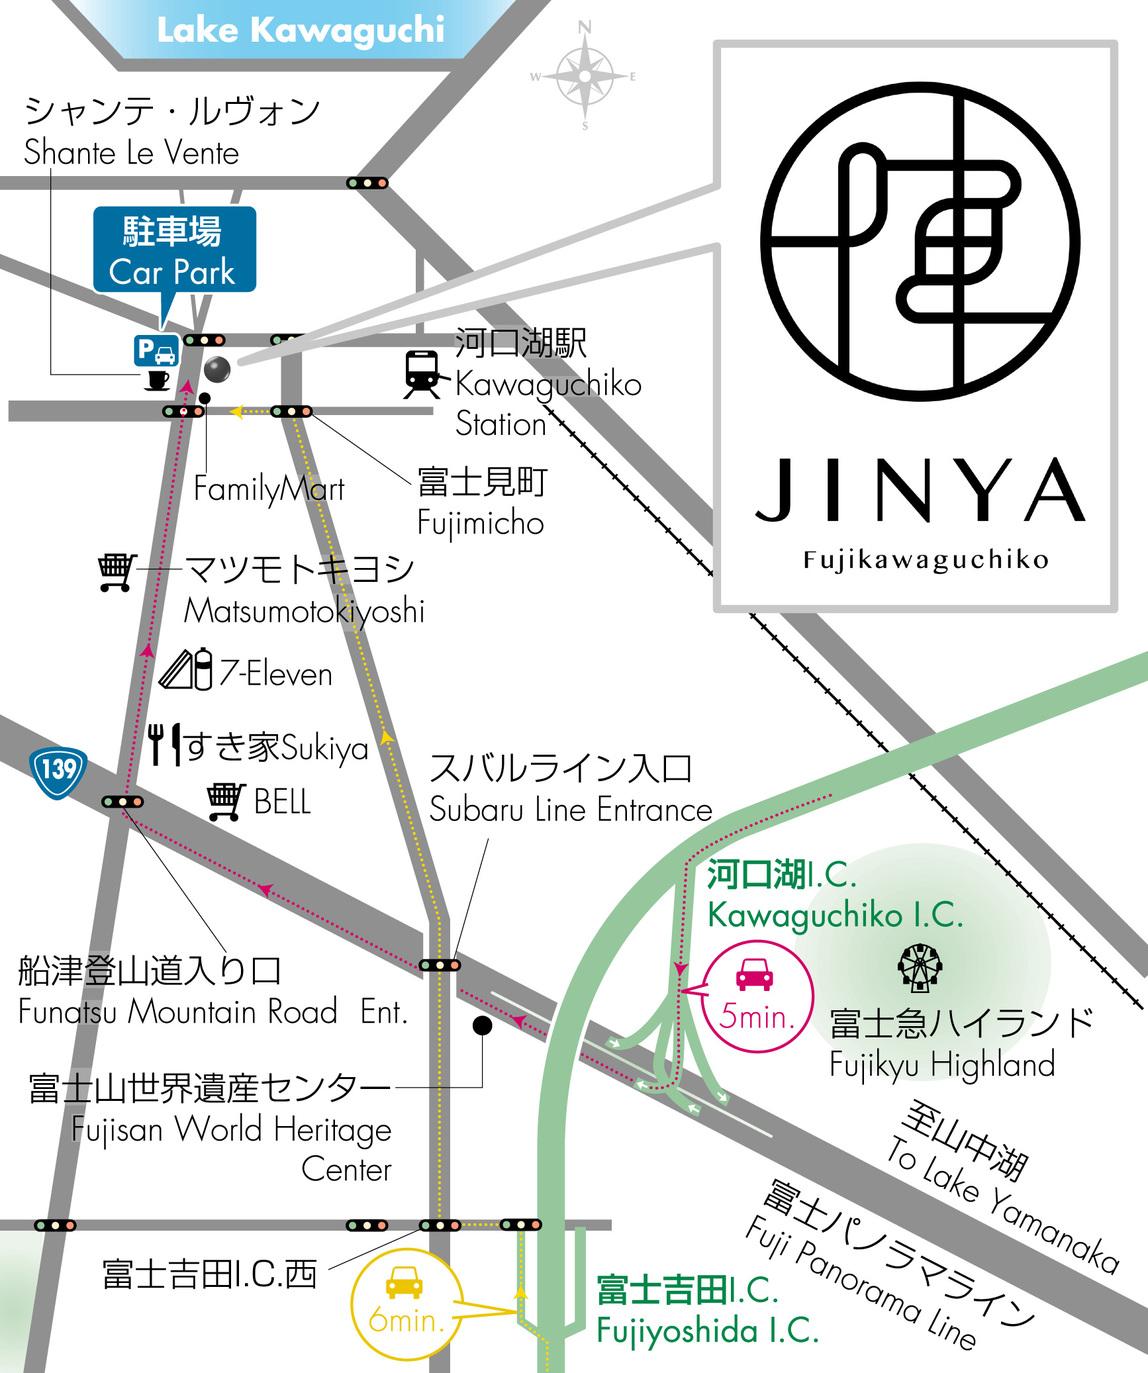 【地図】ICから車で5分でアクセス楽々